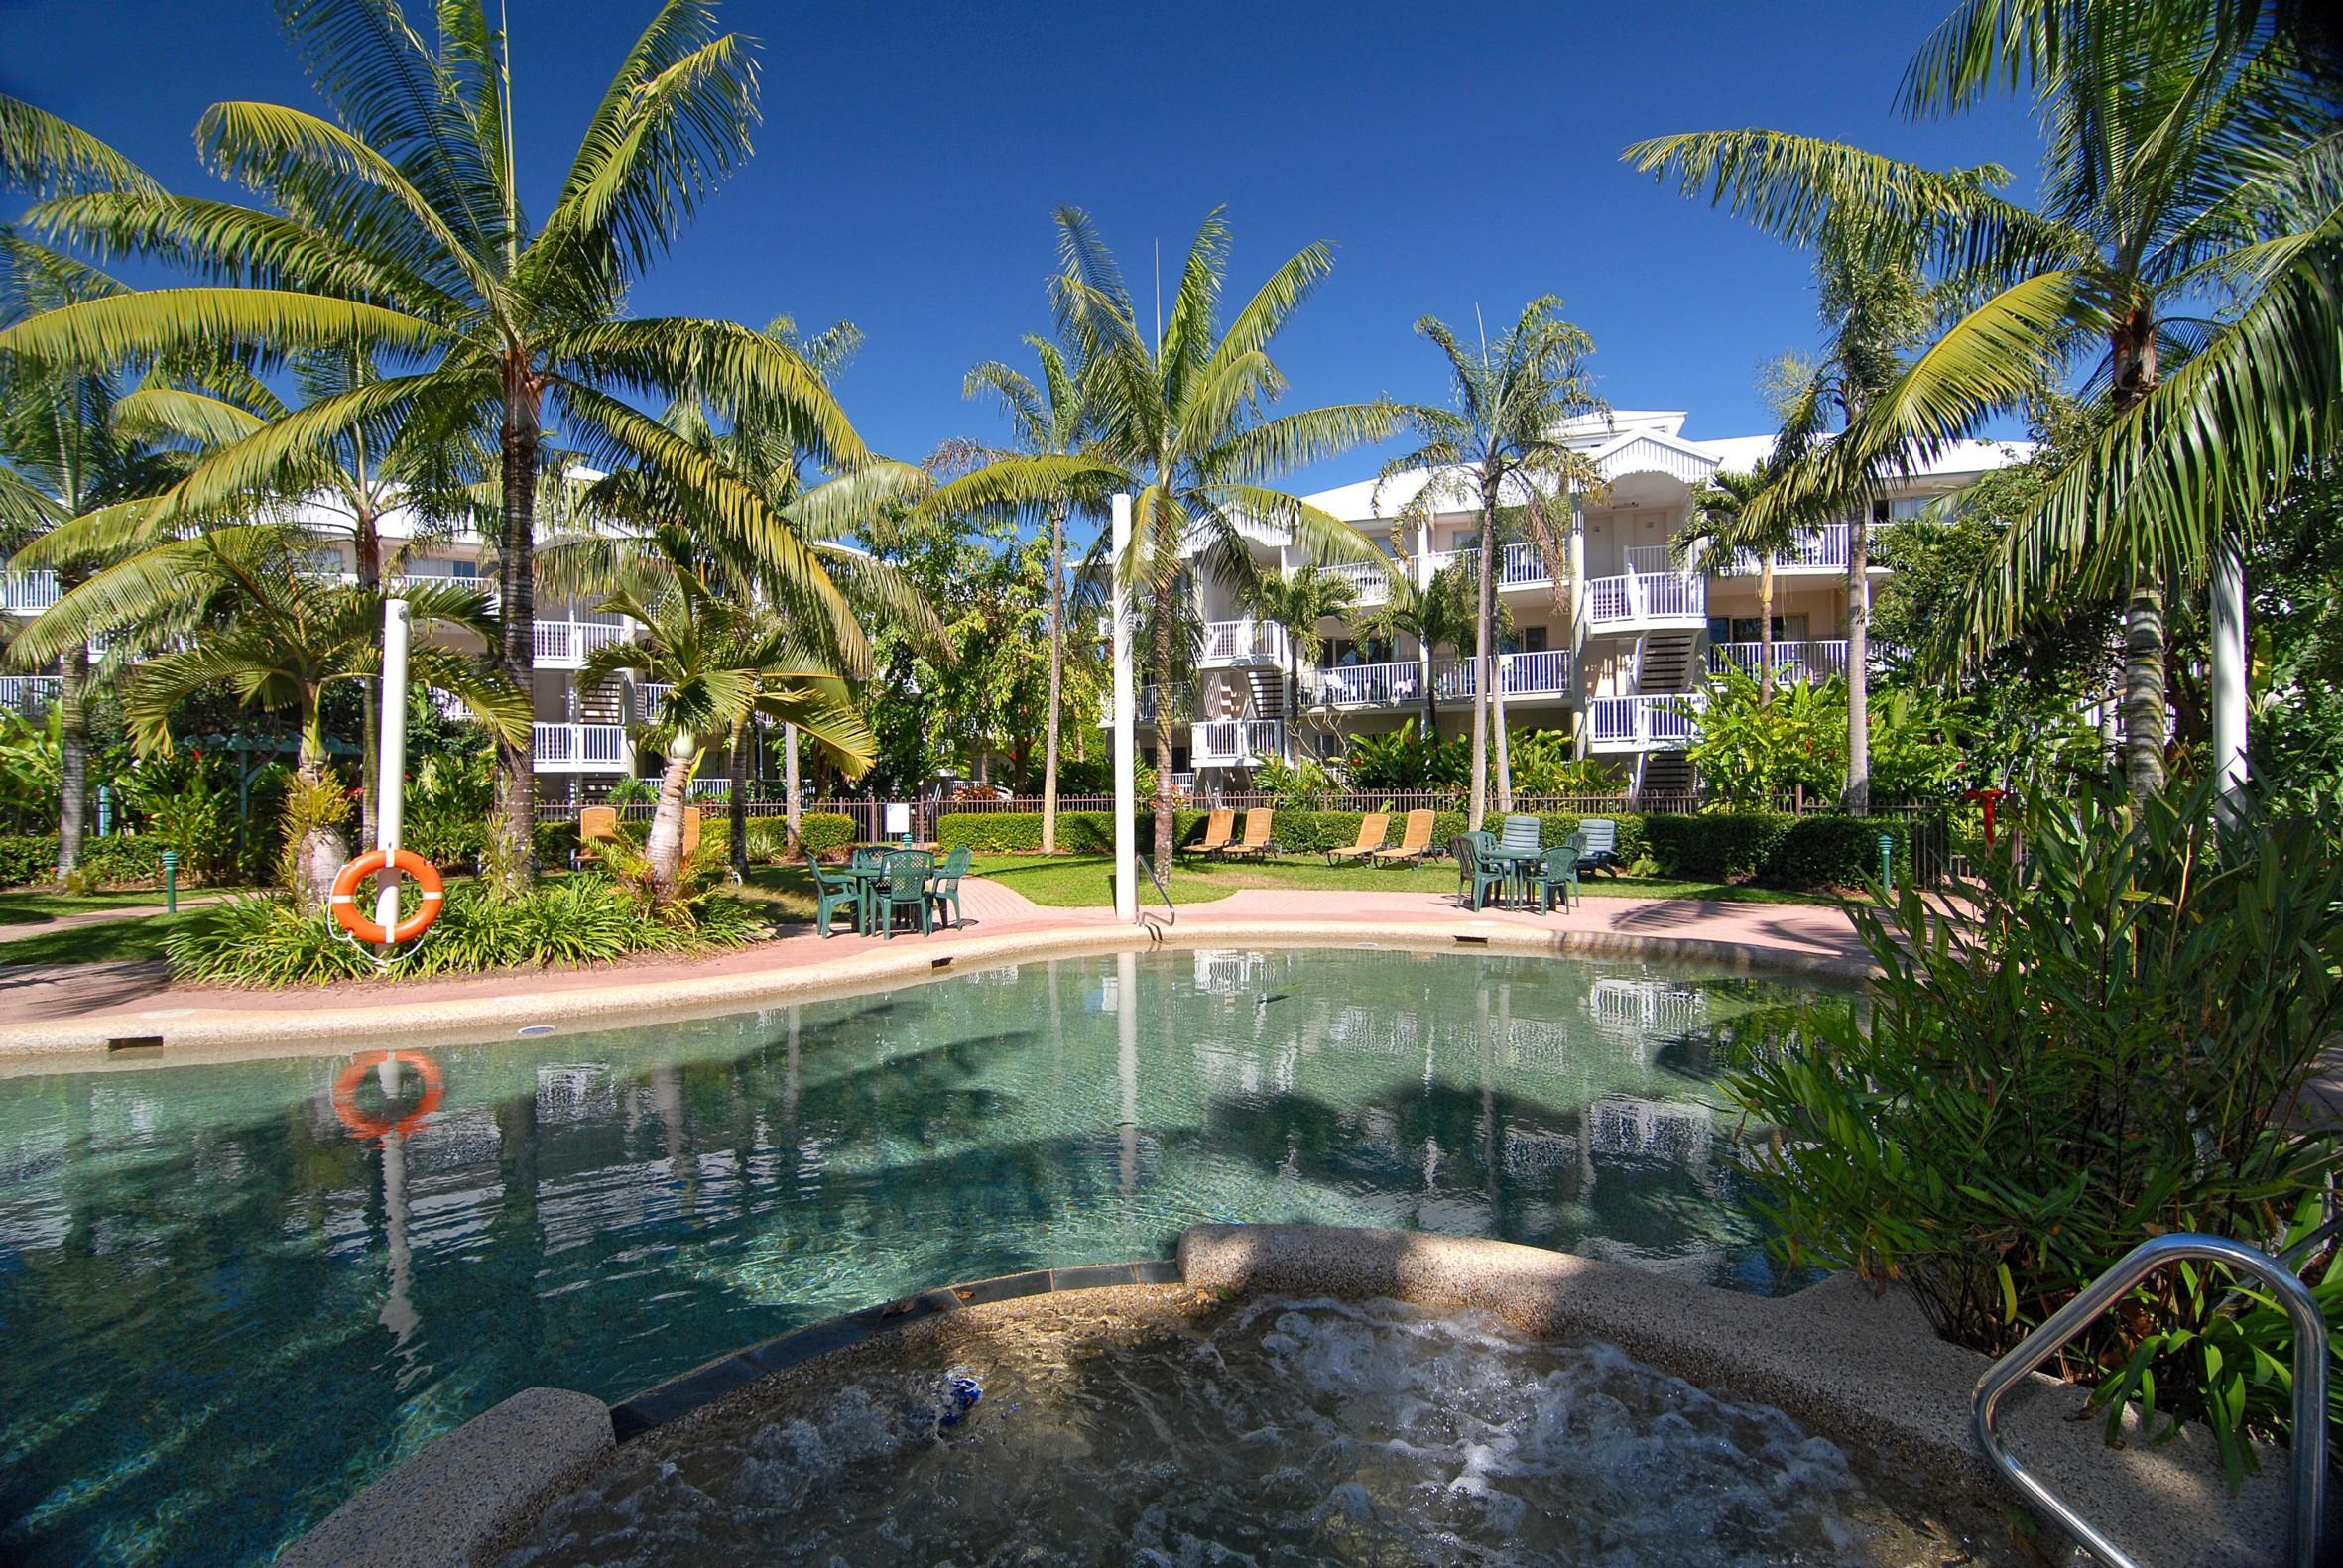 Australis Cairns Beach Resort